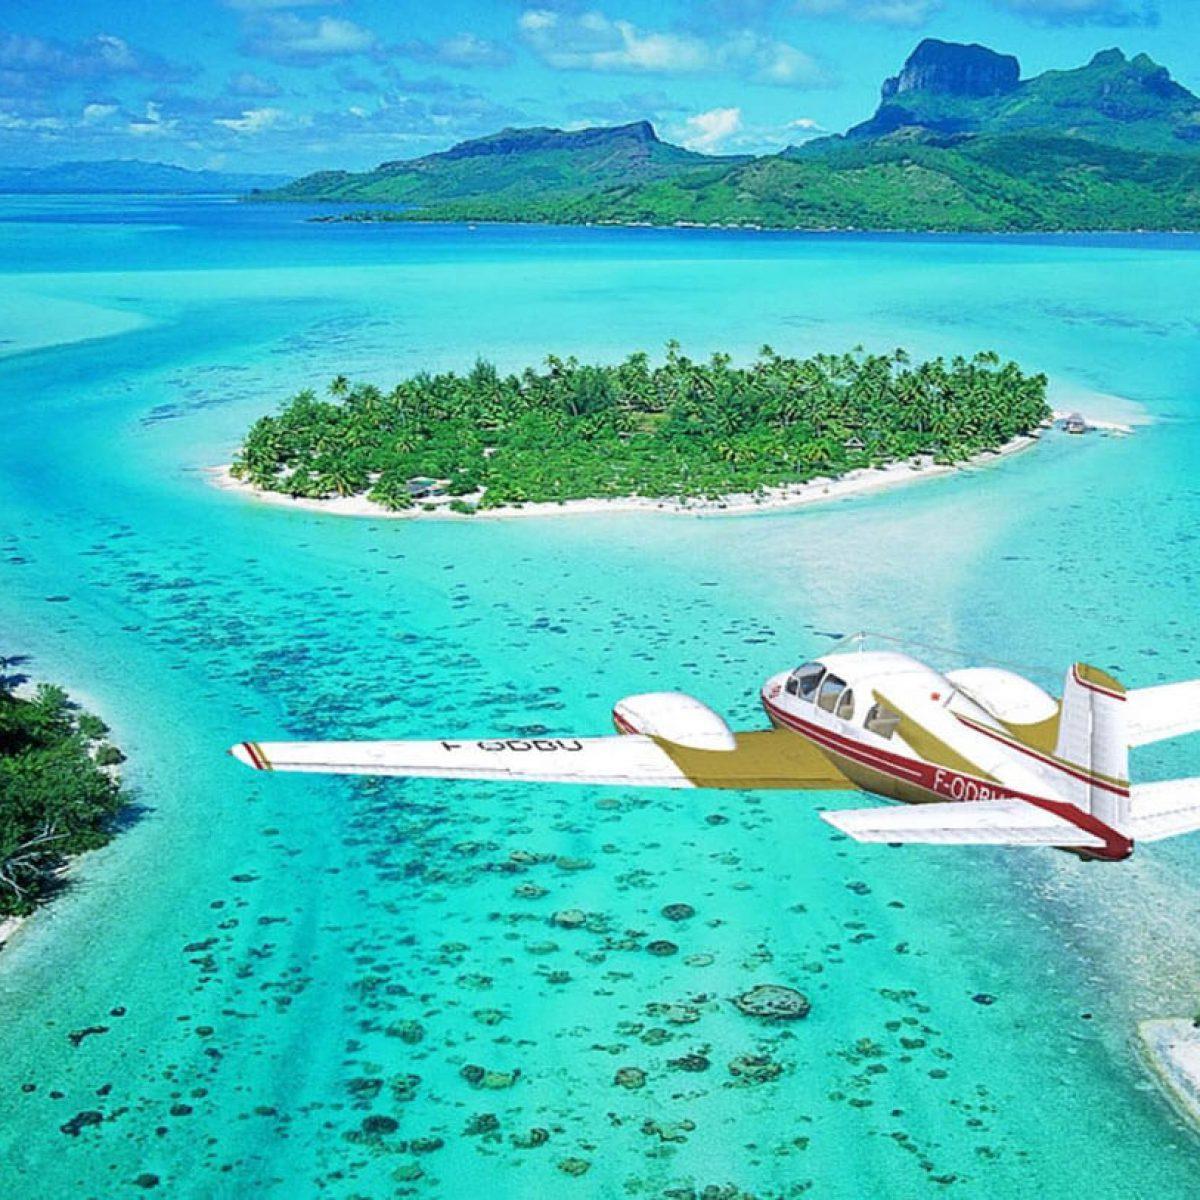 Viaggio-in-Polinesia-in-volo-tra-le-isole (1)